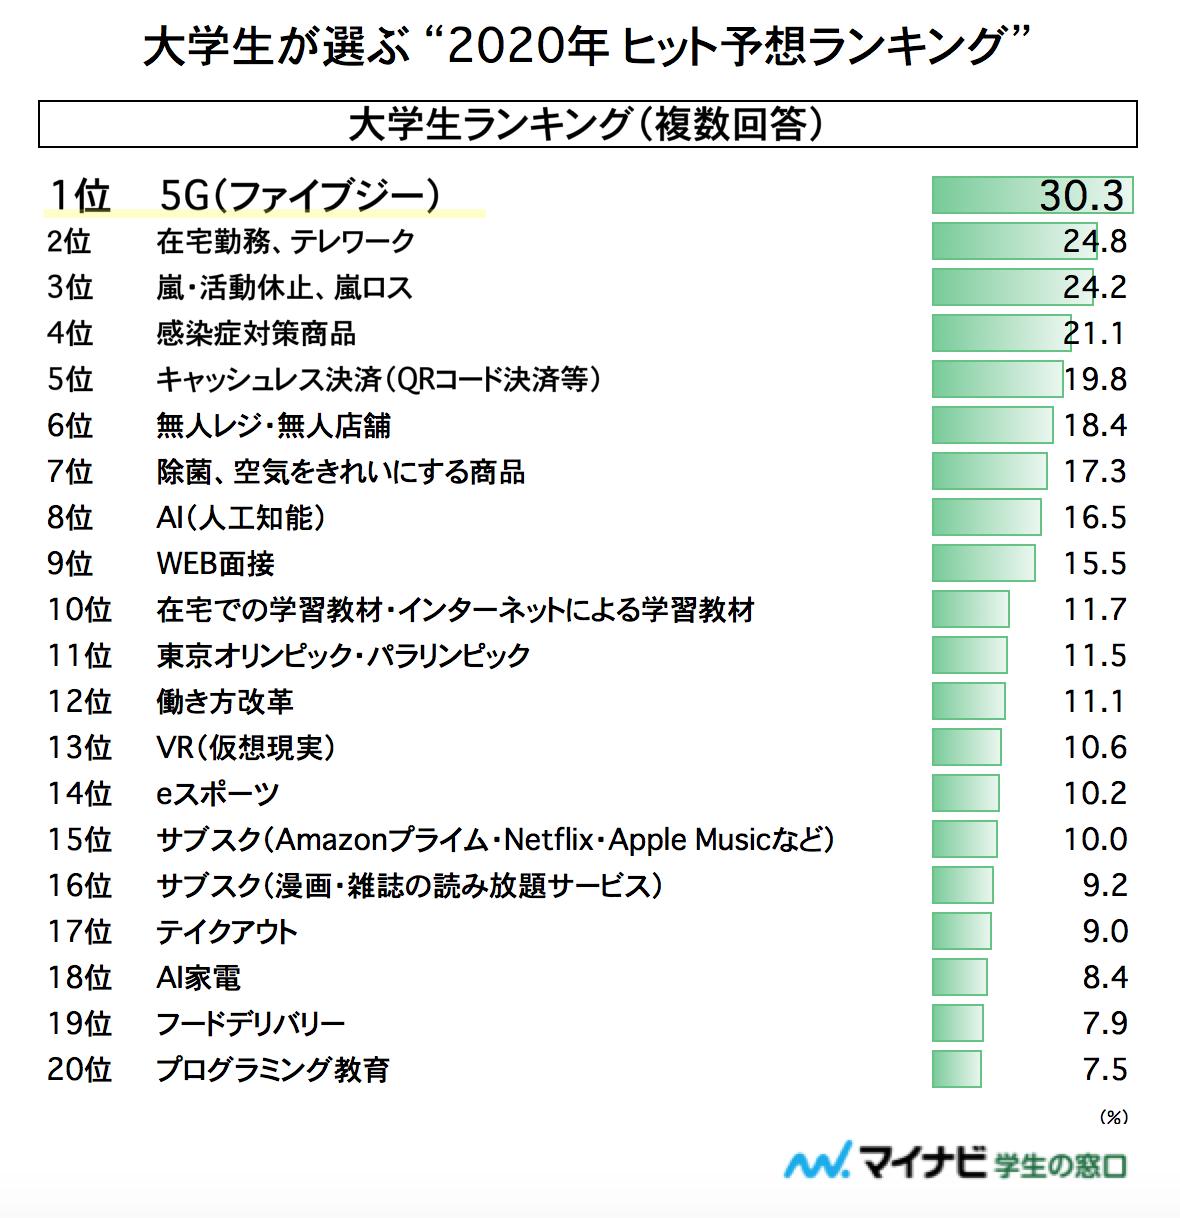 """大学生が選ぶ""""2020年ヒット予想ランキング""""(複数回答)"""